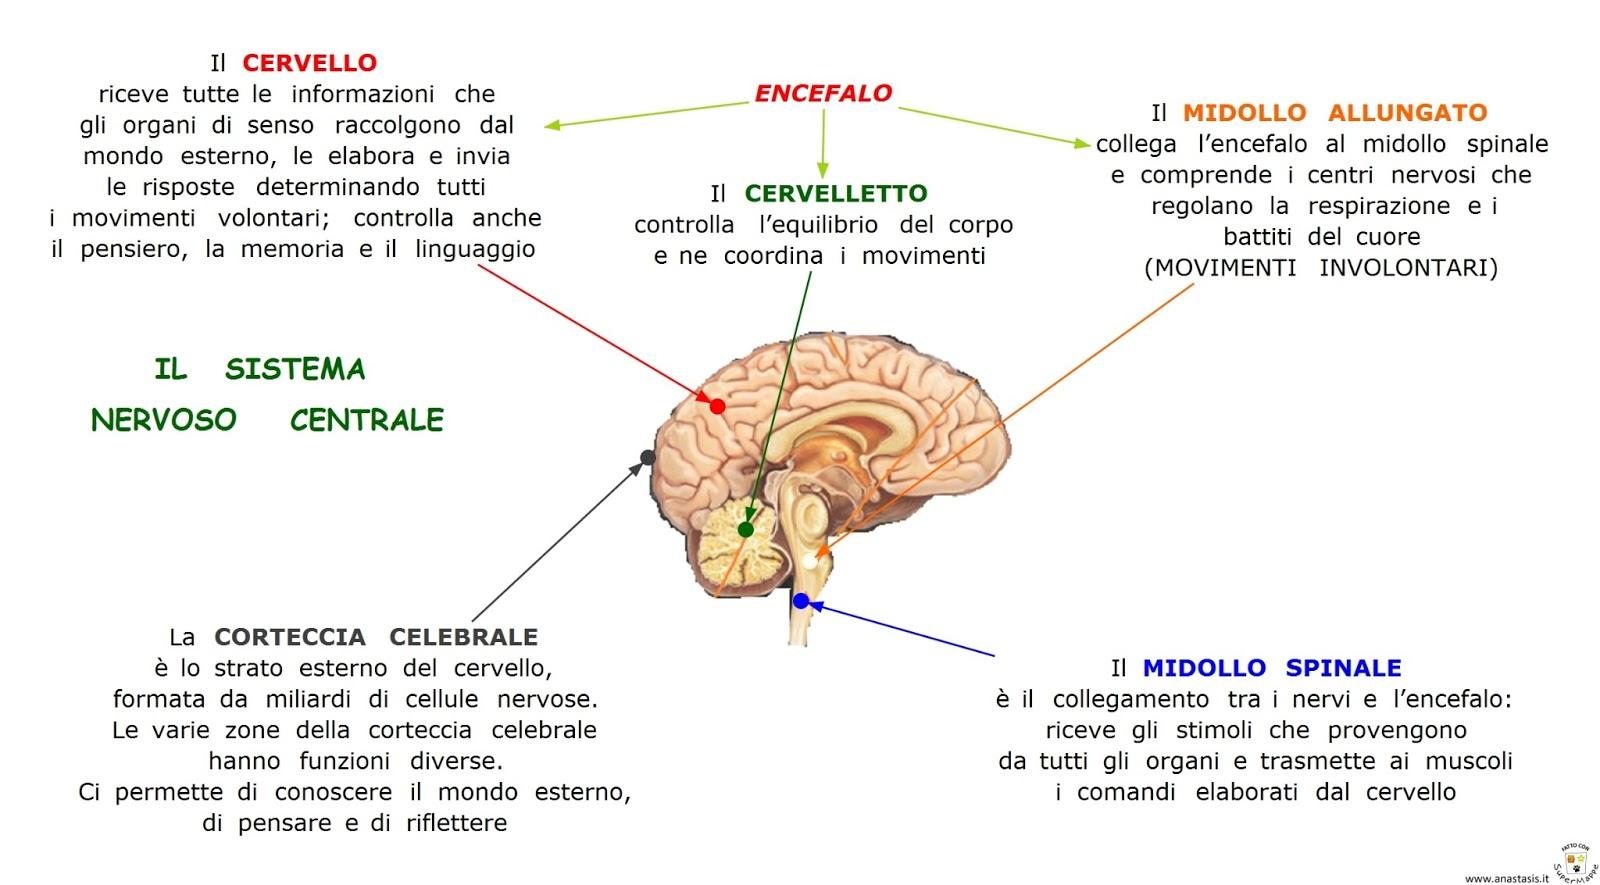 Paradiso Delle Mappe: Il Sistema Nervoso Centrale